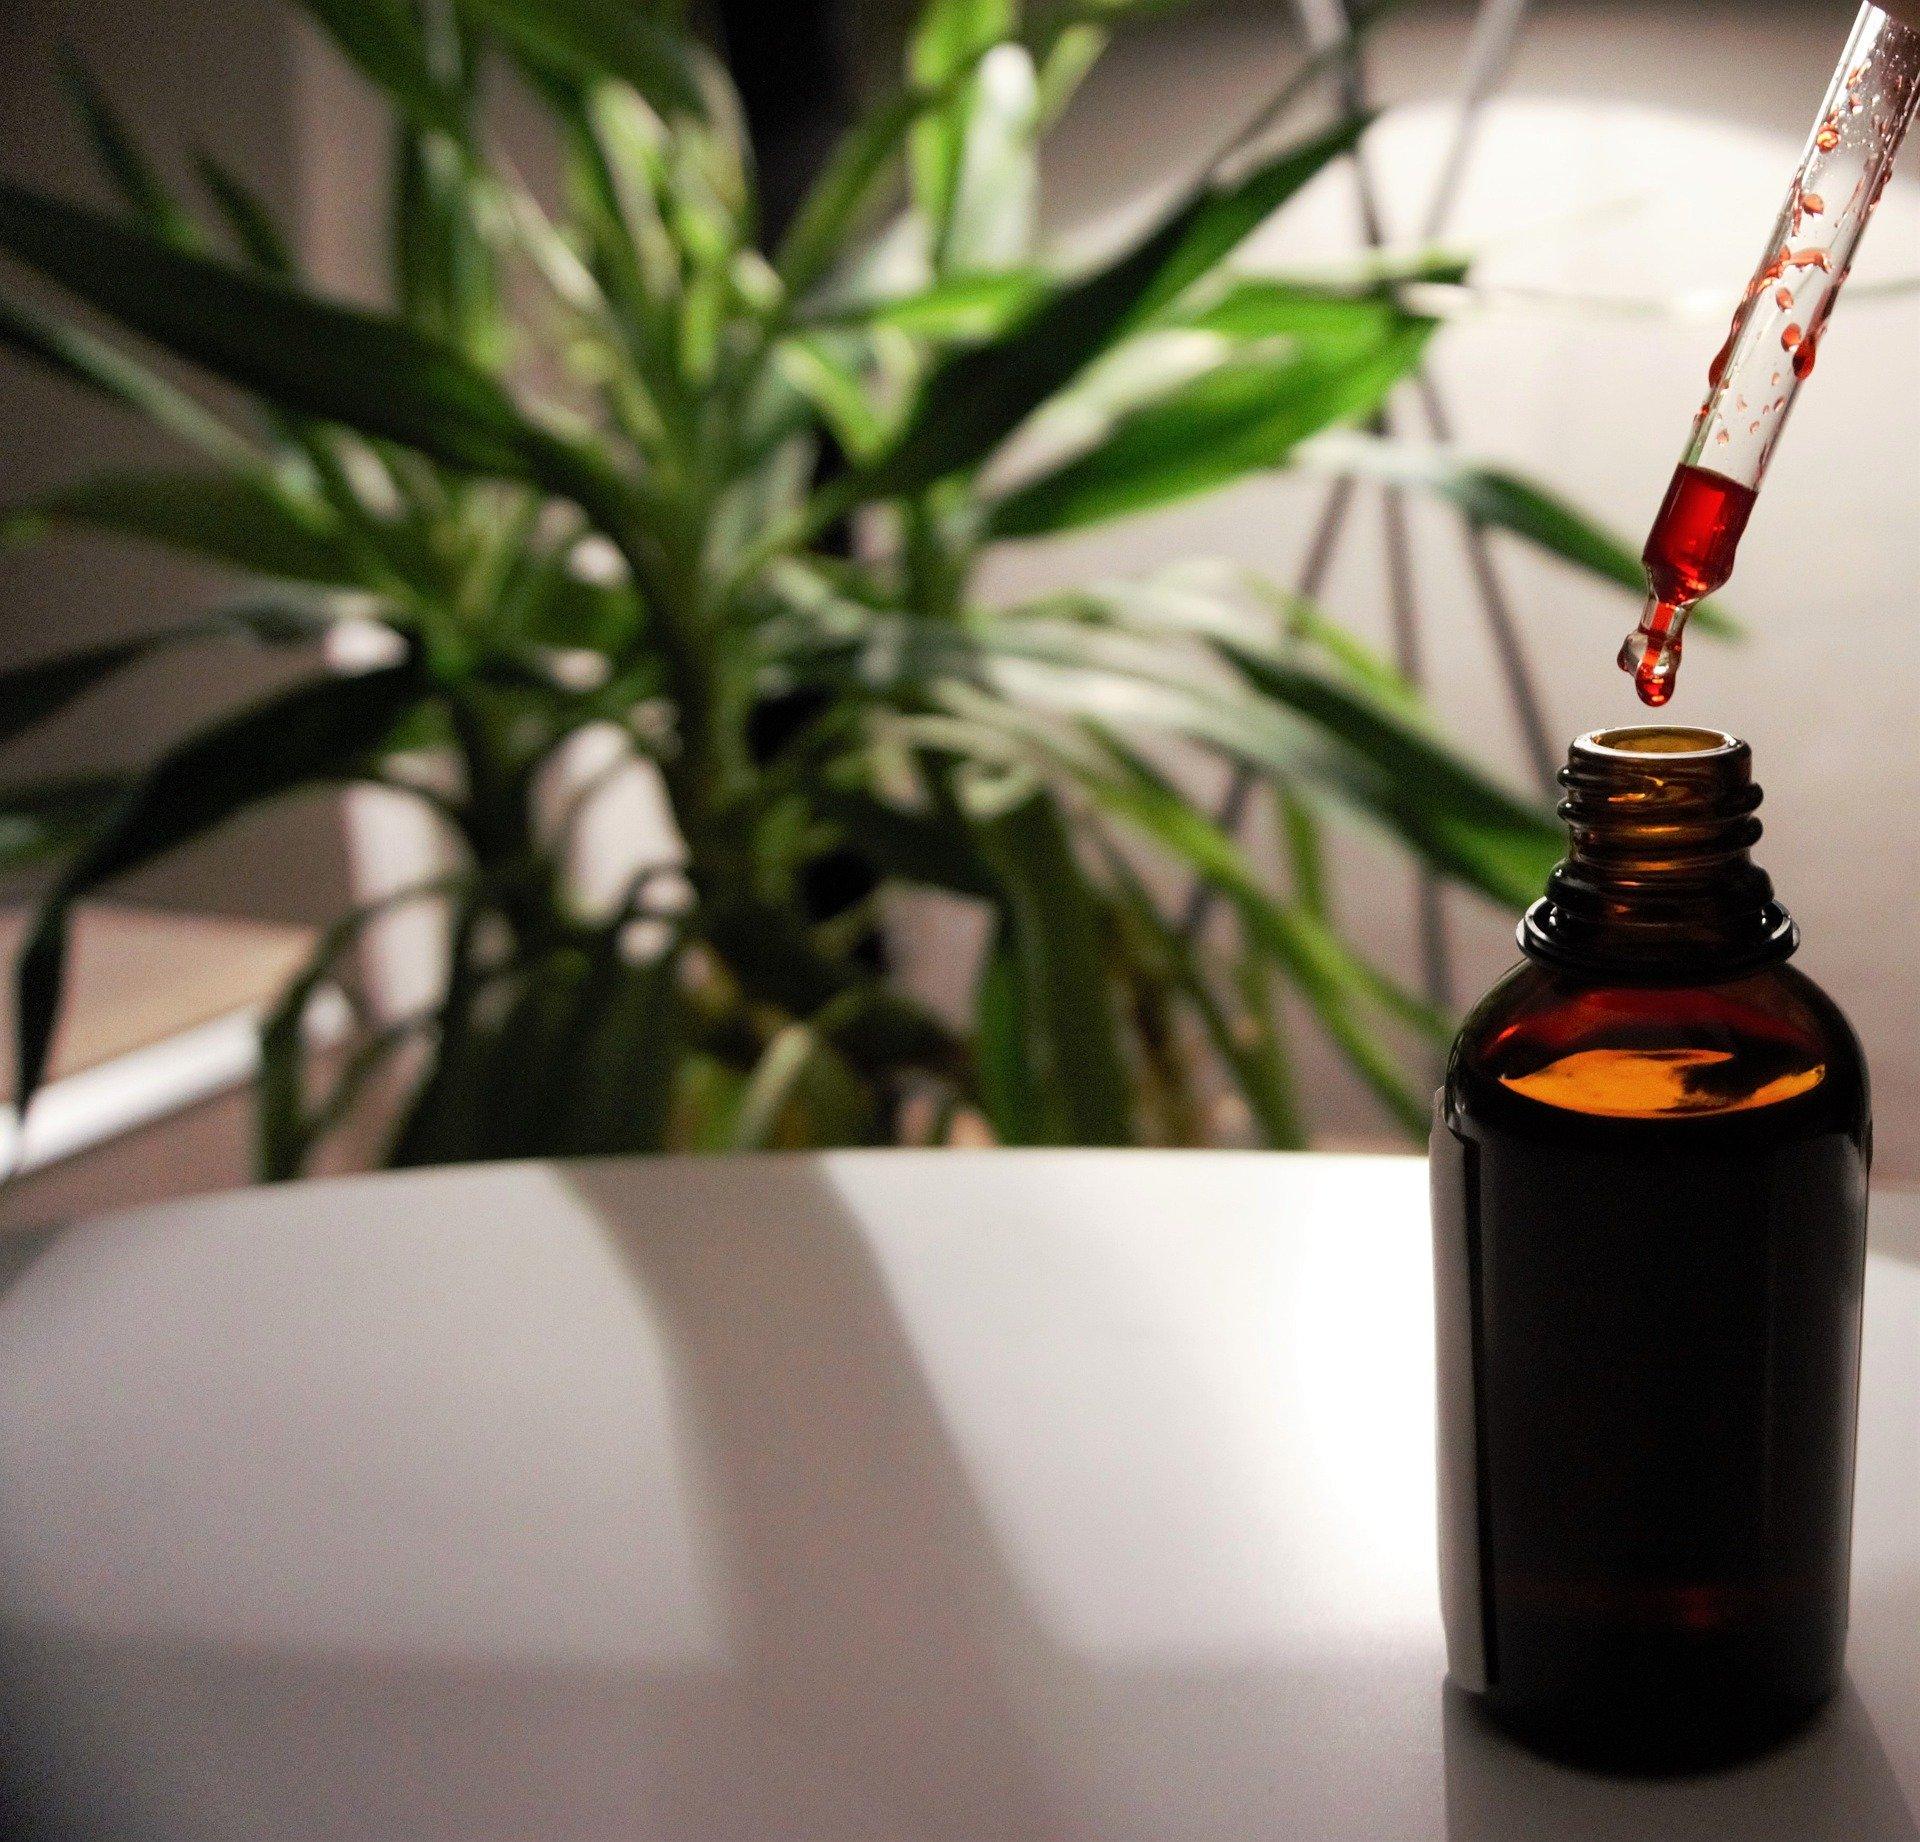 vitamin-b12-4796944_1920